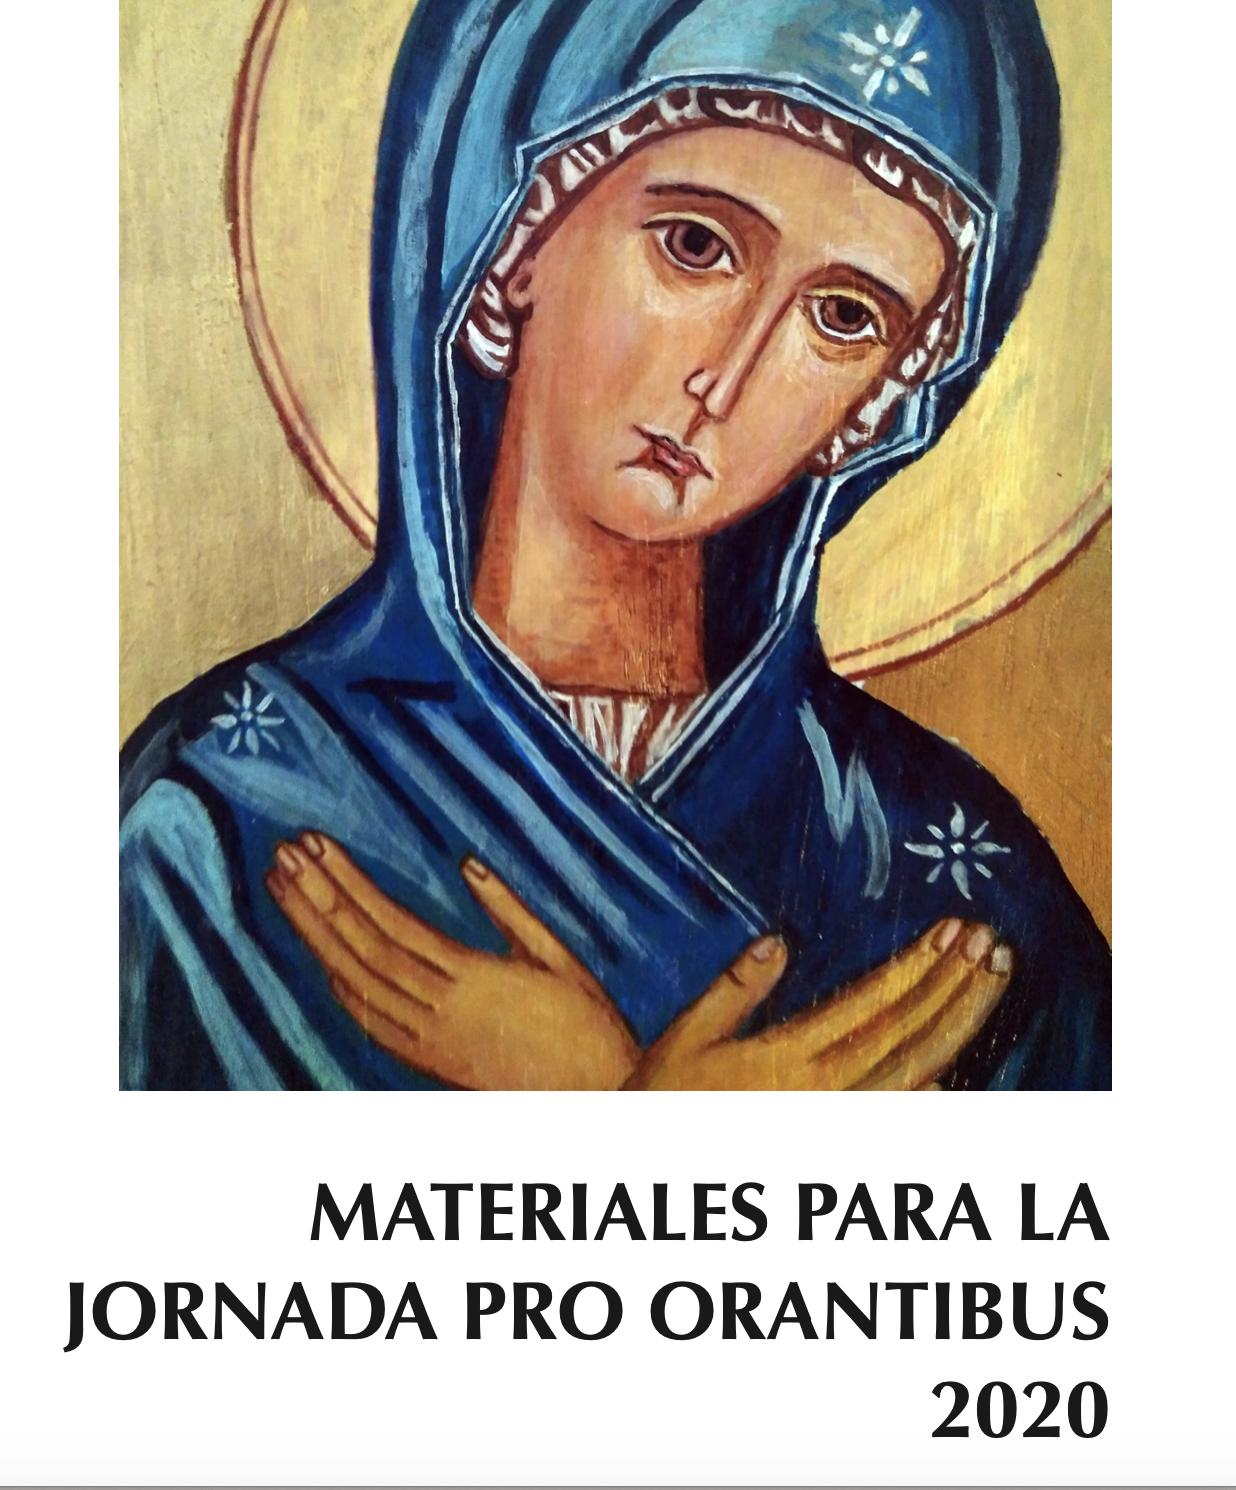 Jornada Pro orantibus 2020.  Con María en el corazón de la Iglesia